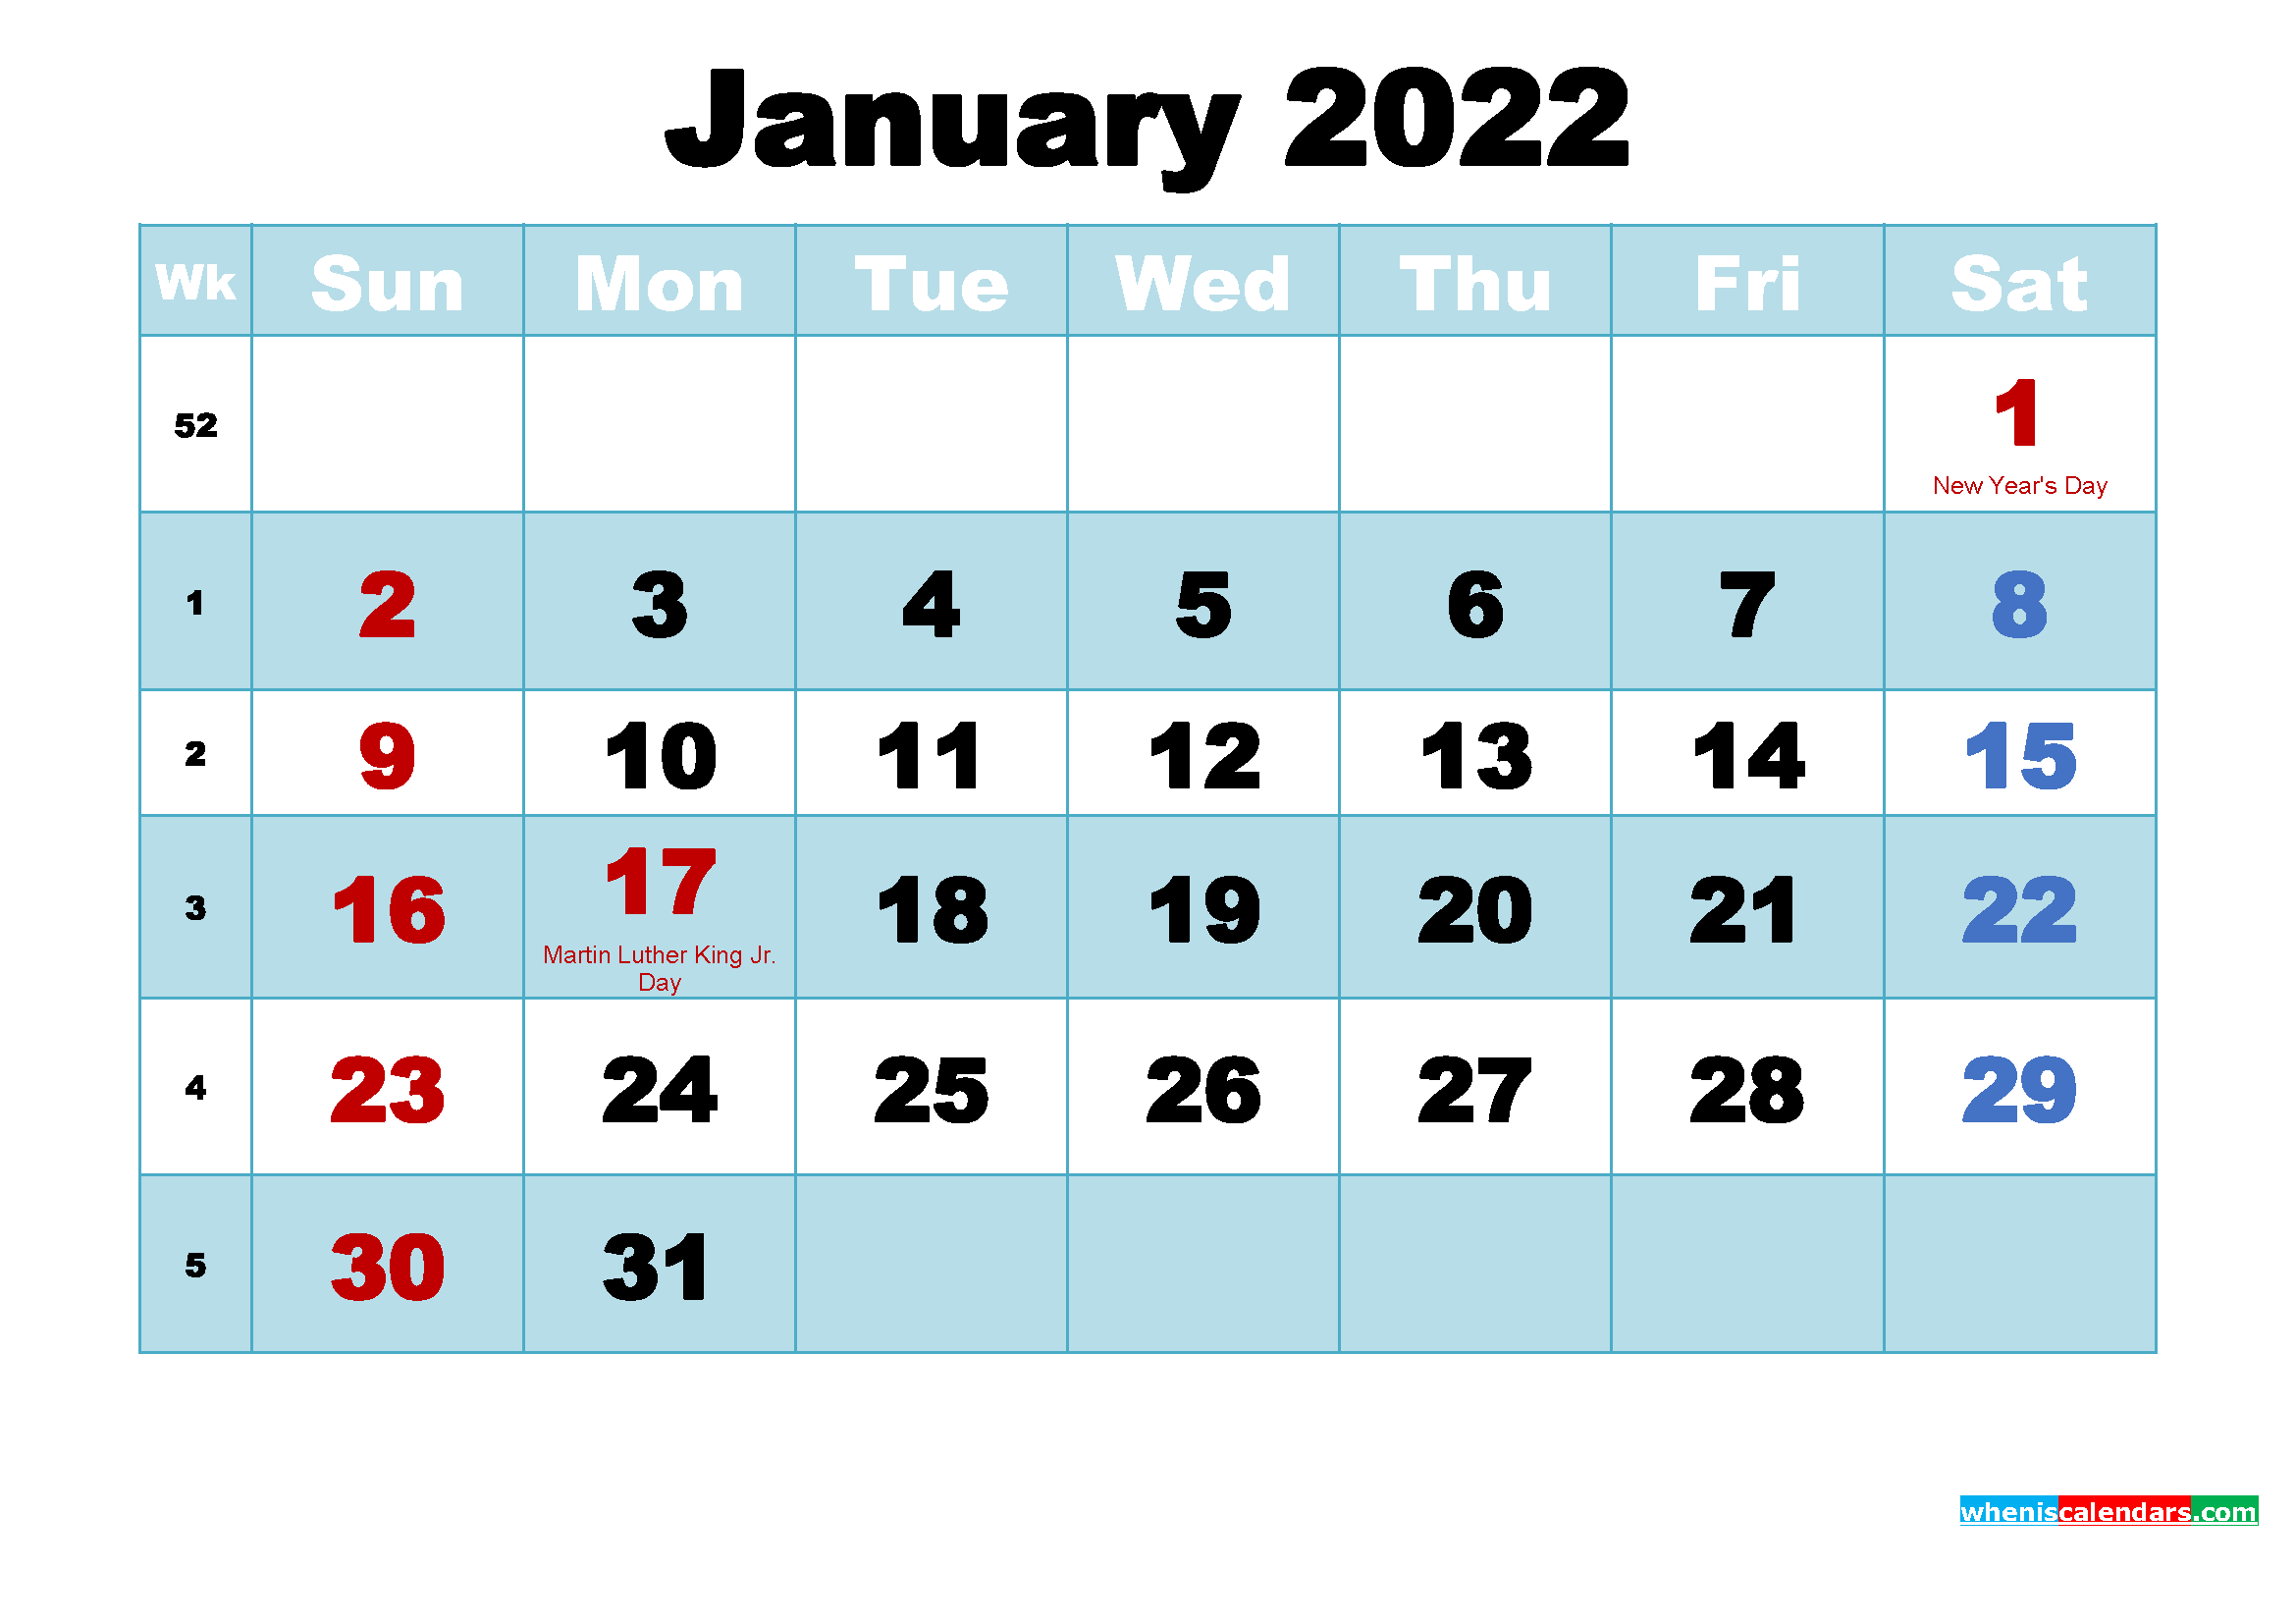 January 2022 Desktop Calendar with Holidays